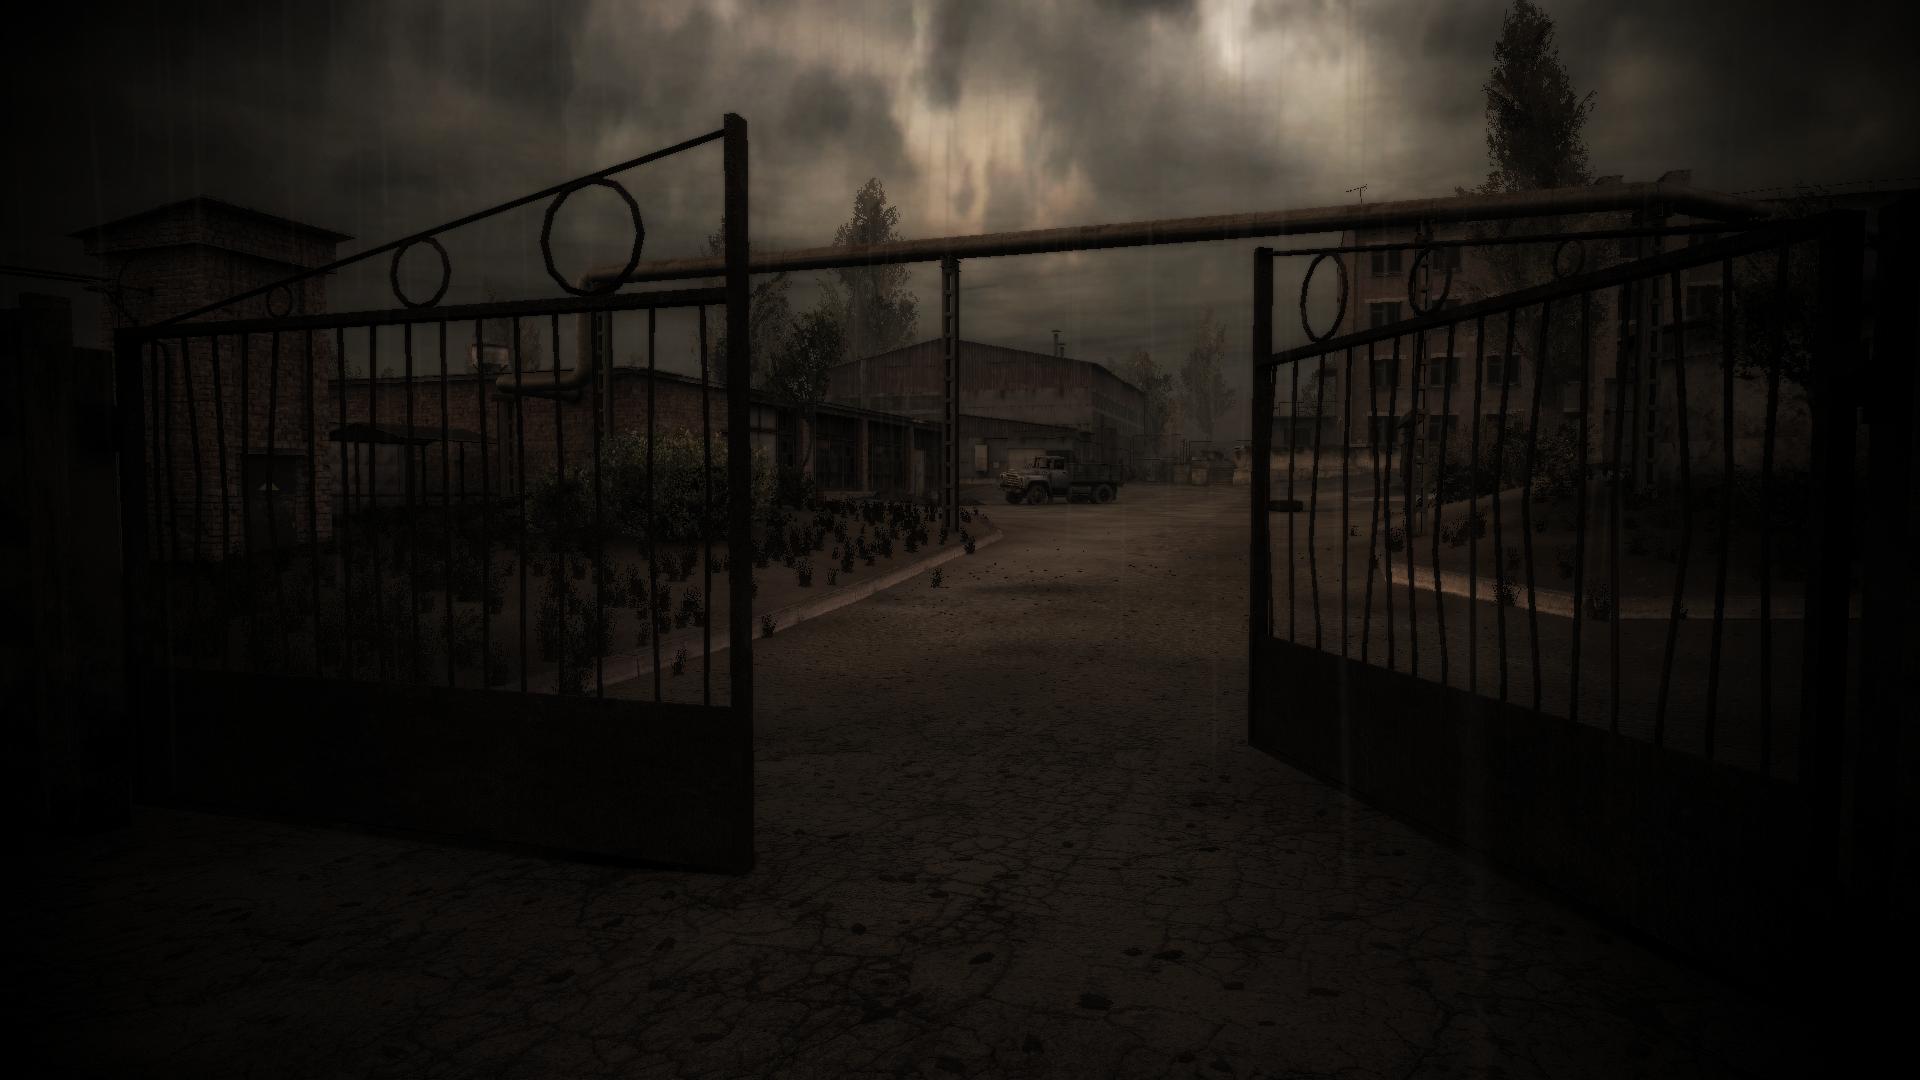 S T A L K E R Call Of Pripyat Wallpaper By The Dark Corporation